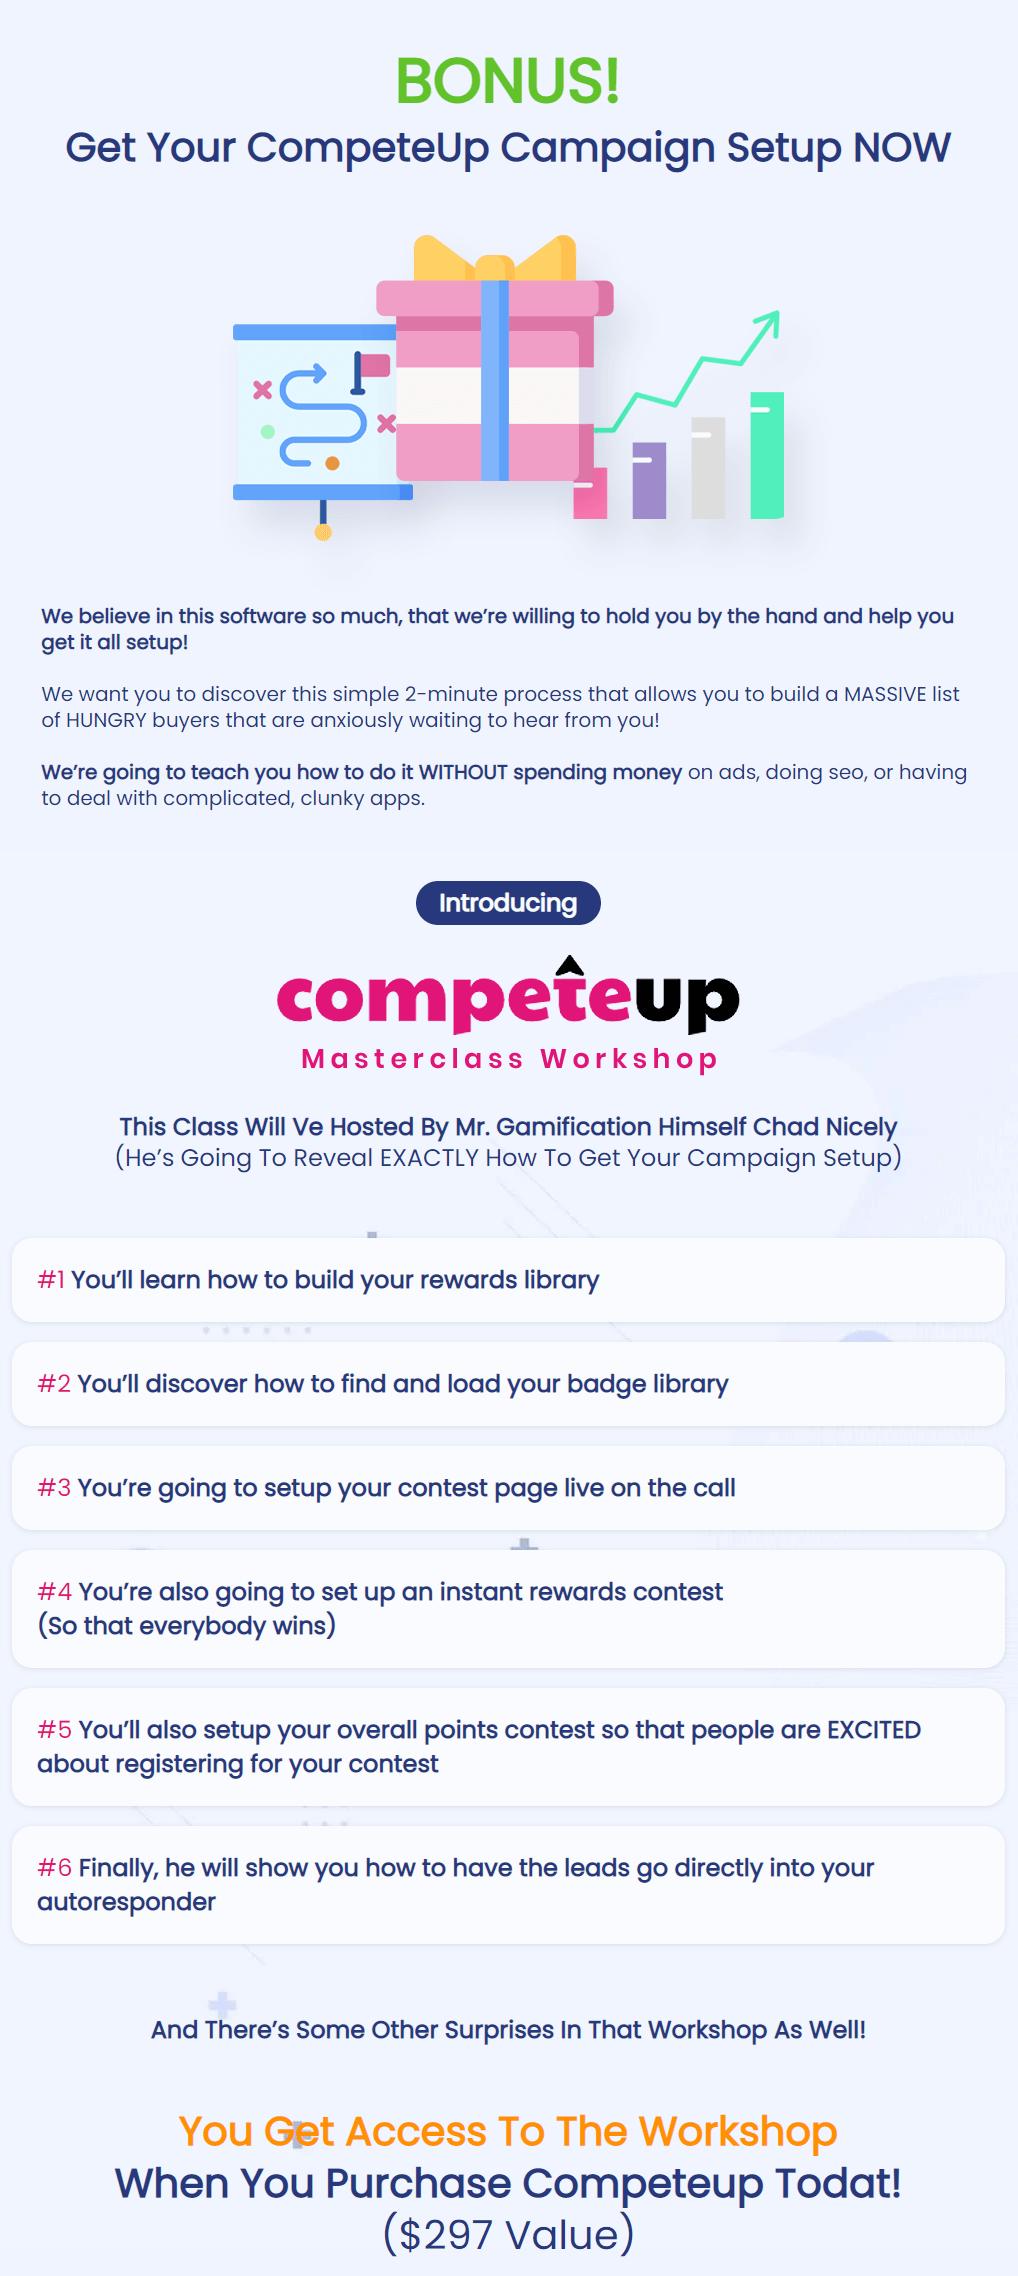 CompeteUp-bonus